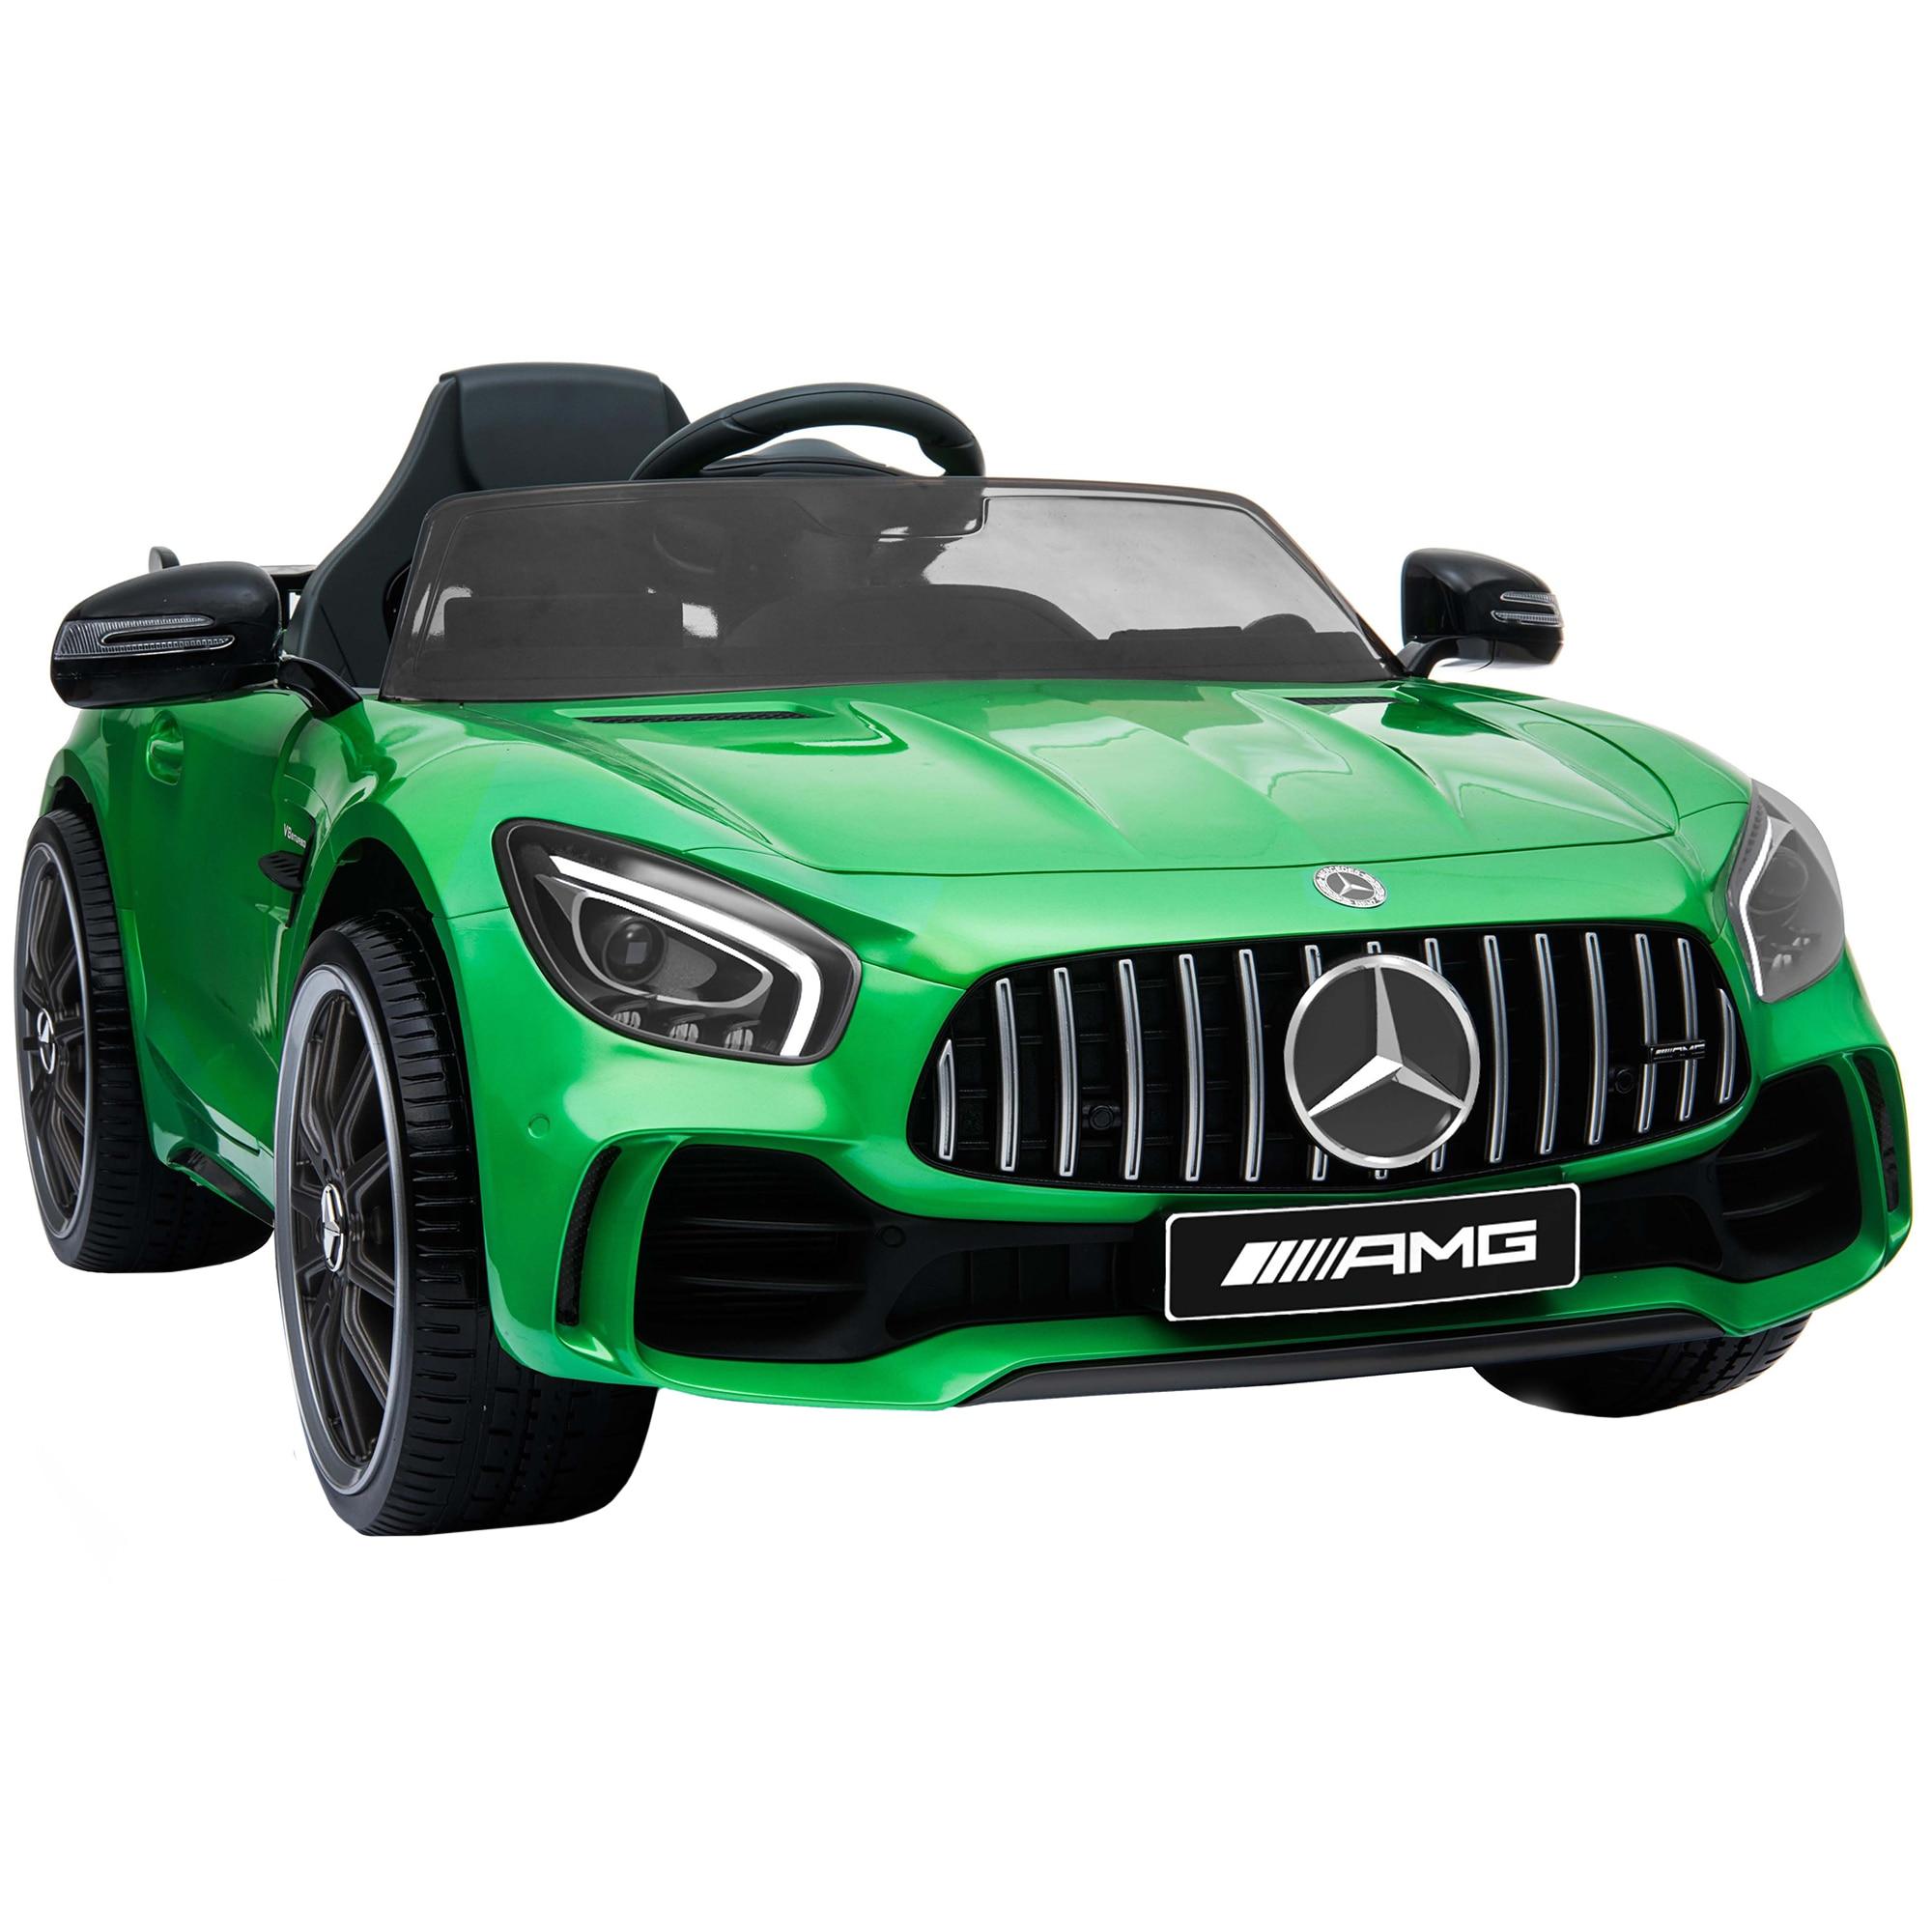 Fotografie Masinuta electrica pentru copii, Mappy Mercedes Benz GTR, Verde